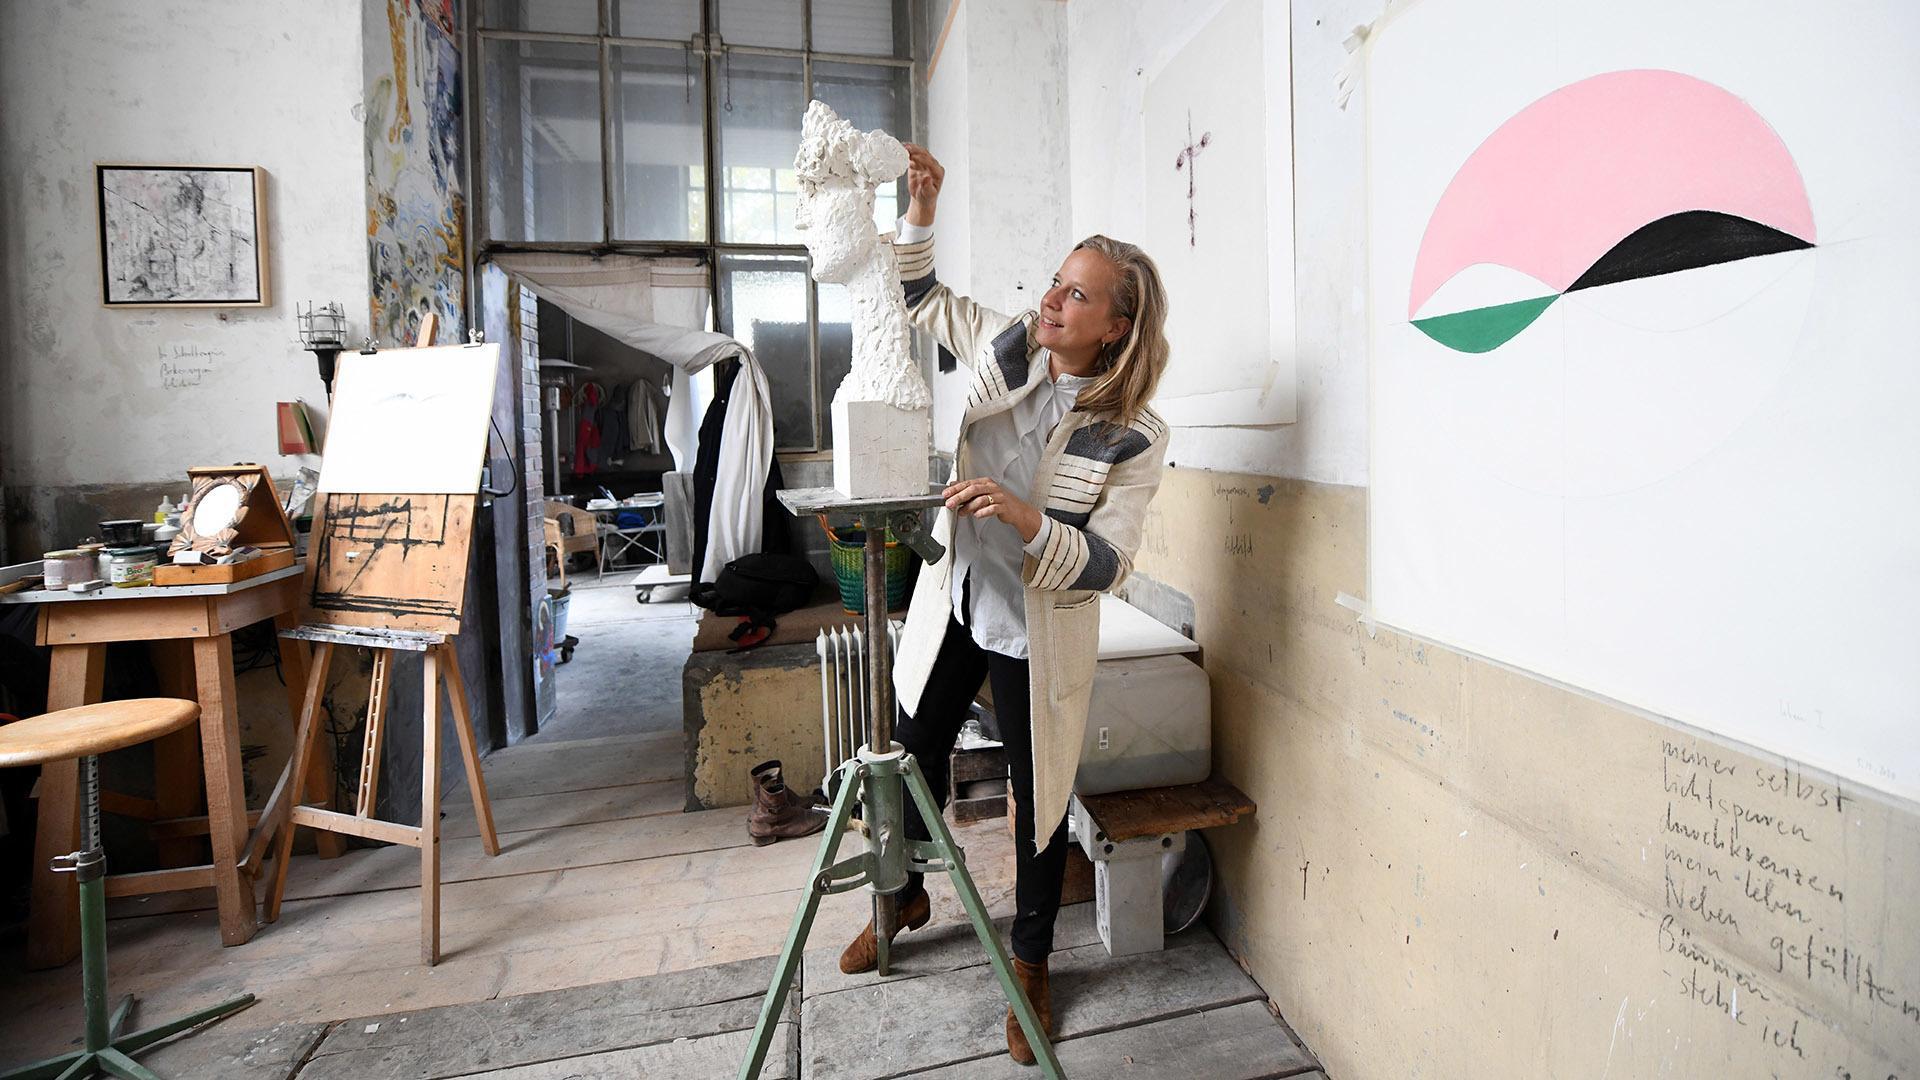 Barbara Schnetzler sculpter la vie : je rêvais d'être une artiste